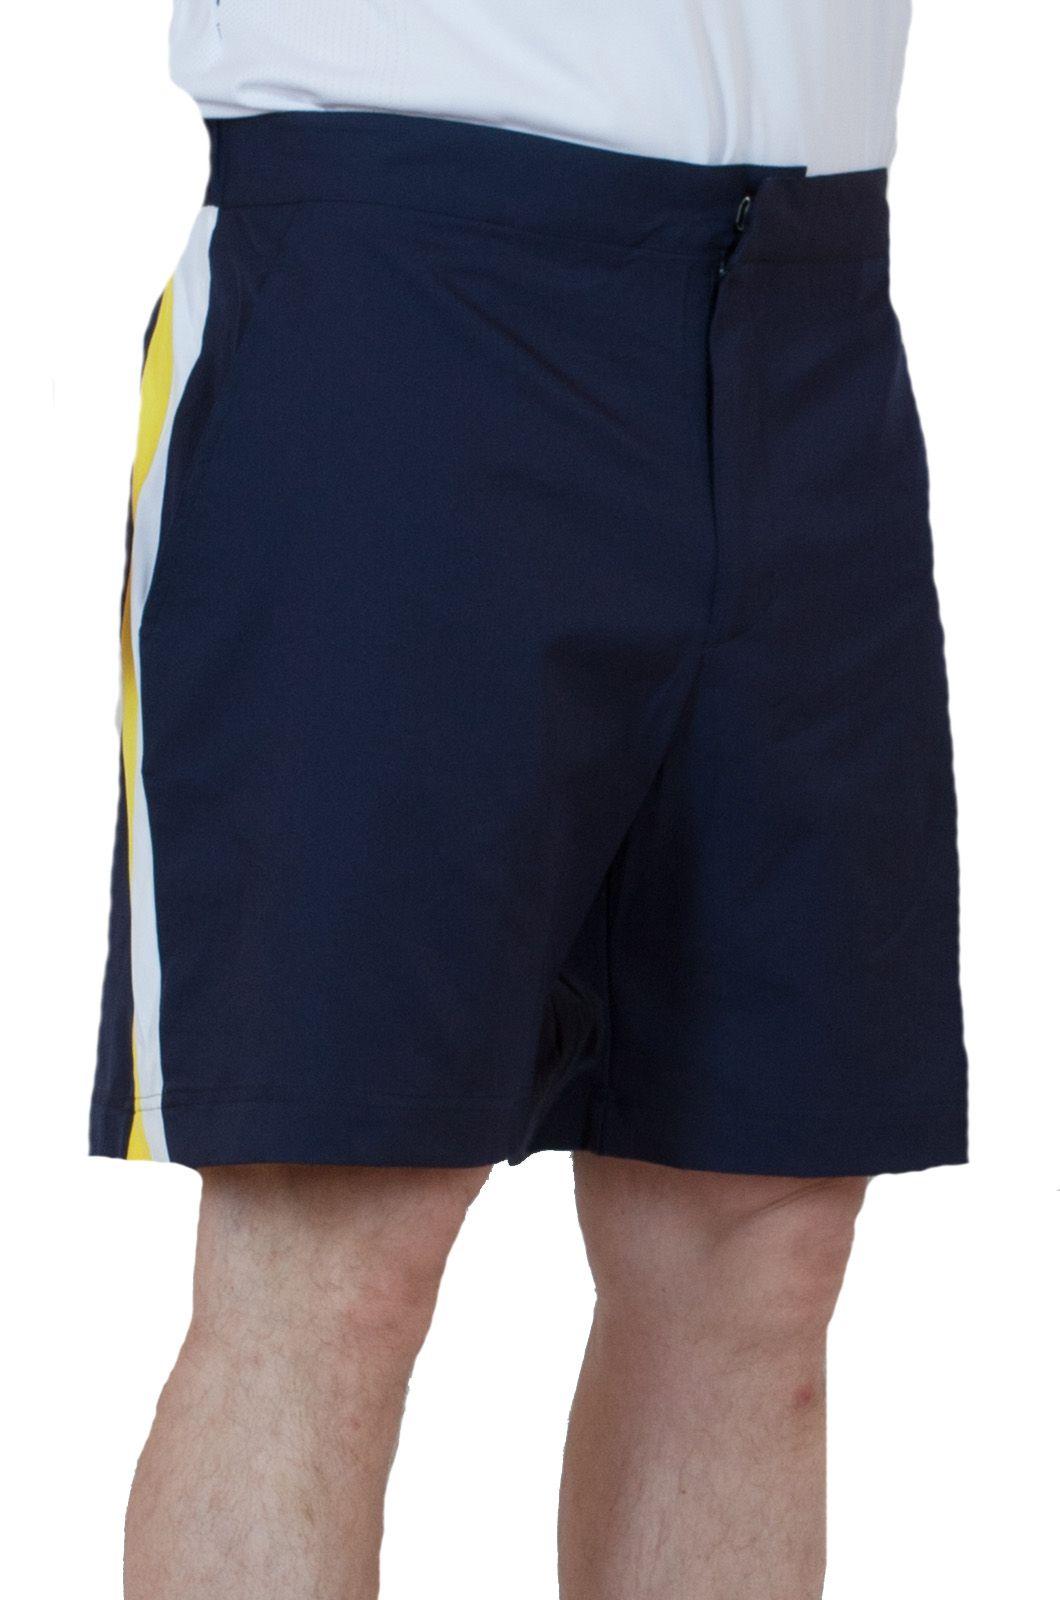 Удобные мужские шорты для спорта - вид сбоку